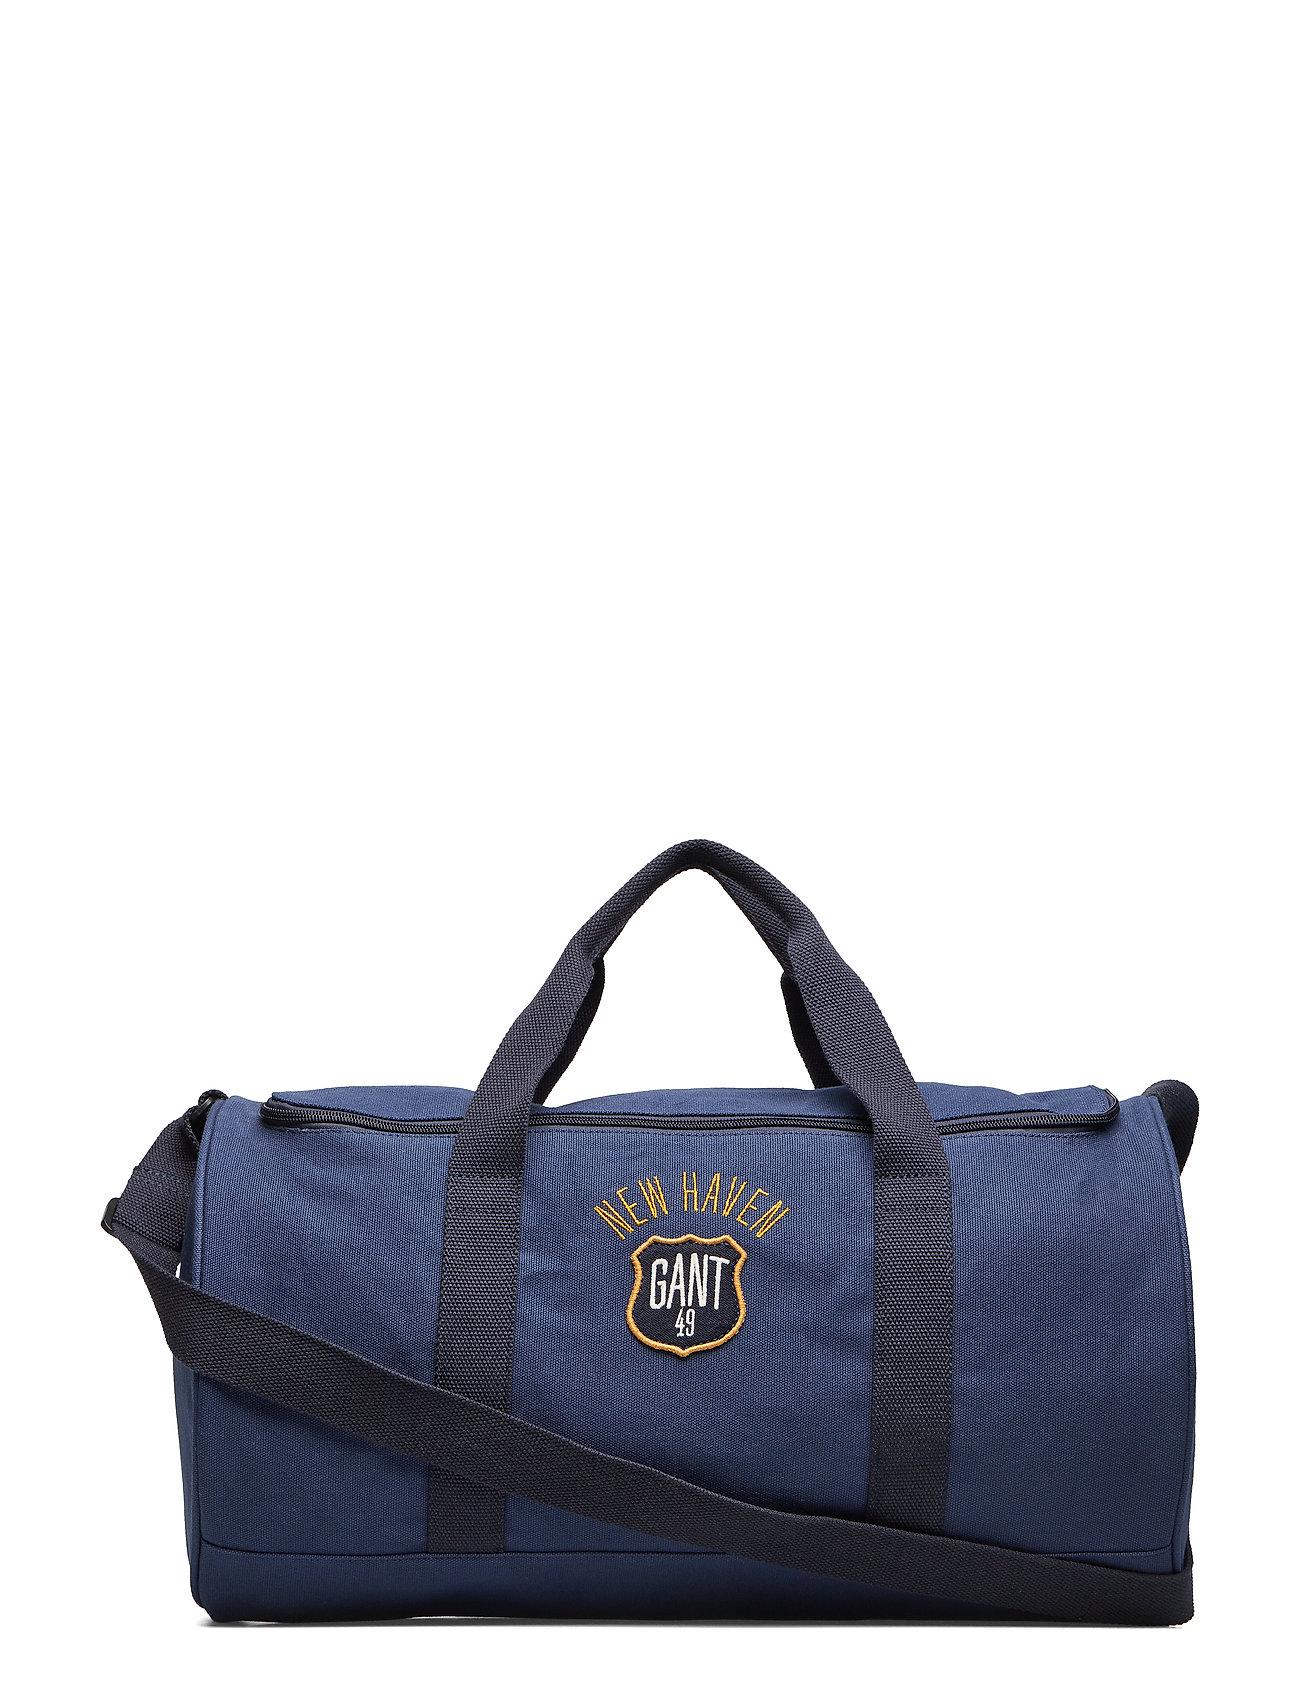 GANT D1. Rugby Bag Bags Weekend & Gym Bags Blau GANT